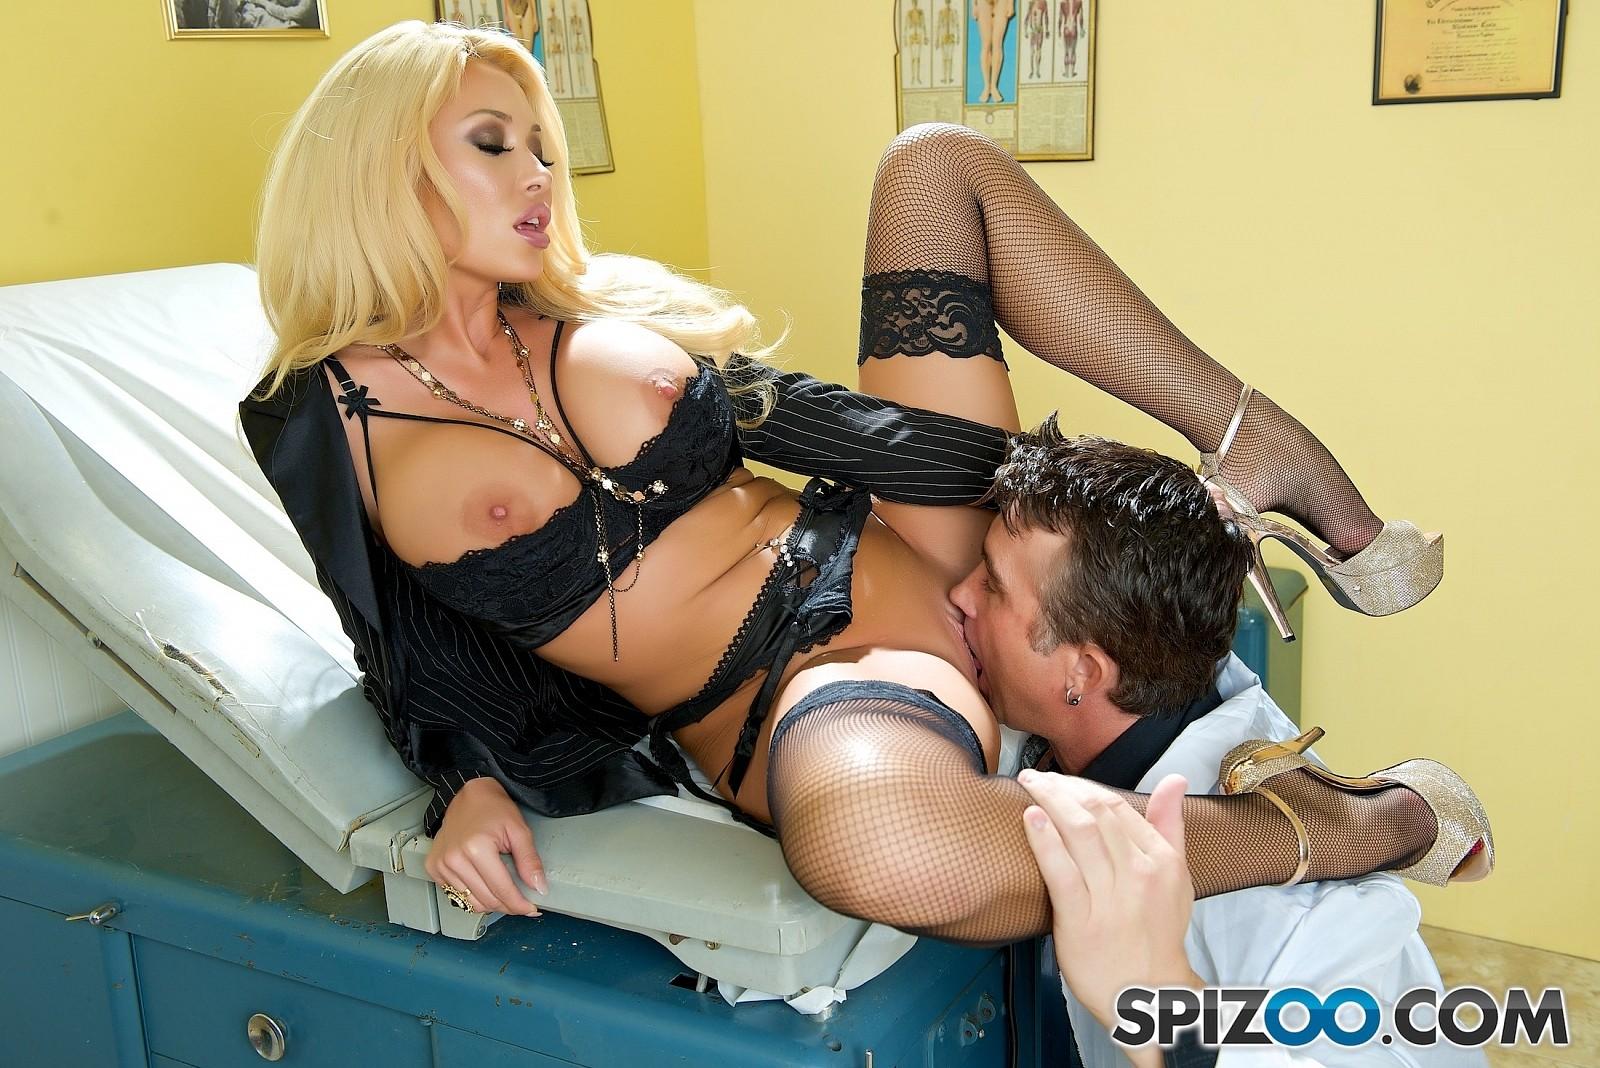 zhenskoe-dominirovanie-seks-foto